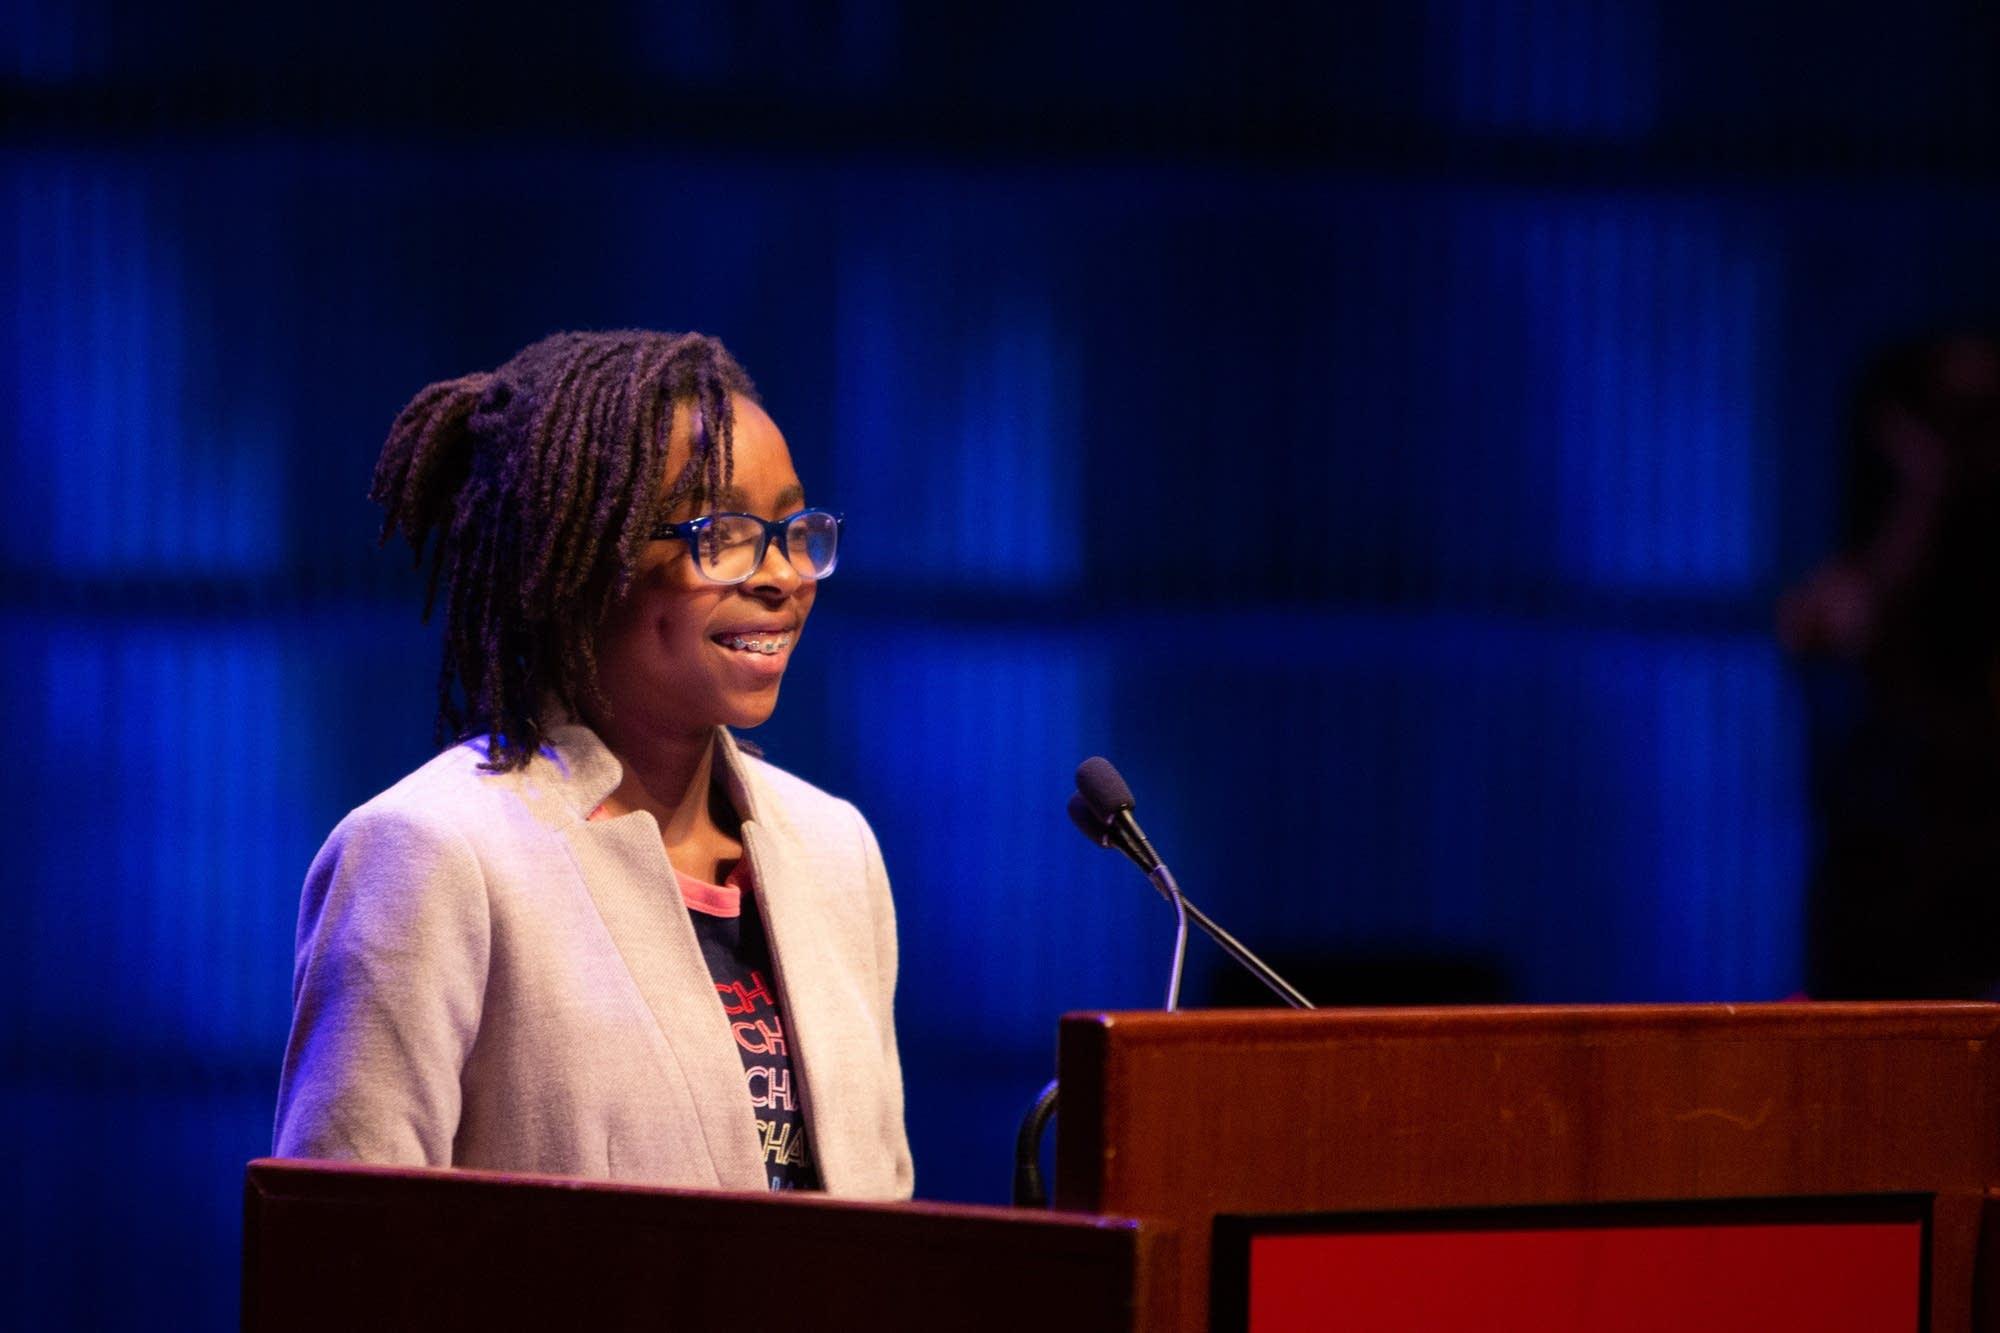 Peyton Vincent introduces keynote speaker, Dr. Mae Jemison.